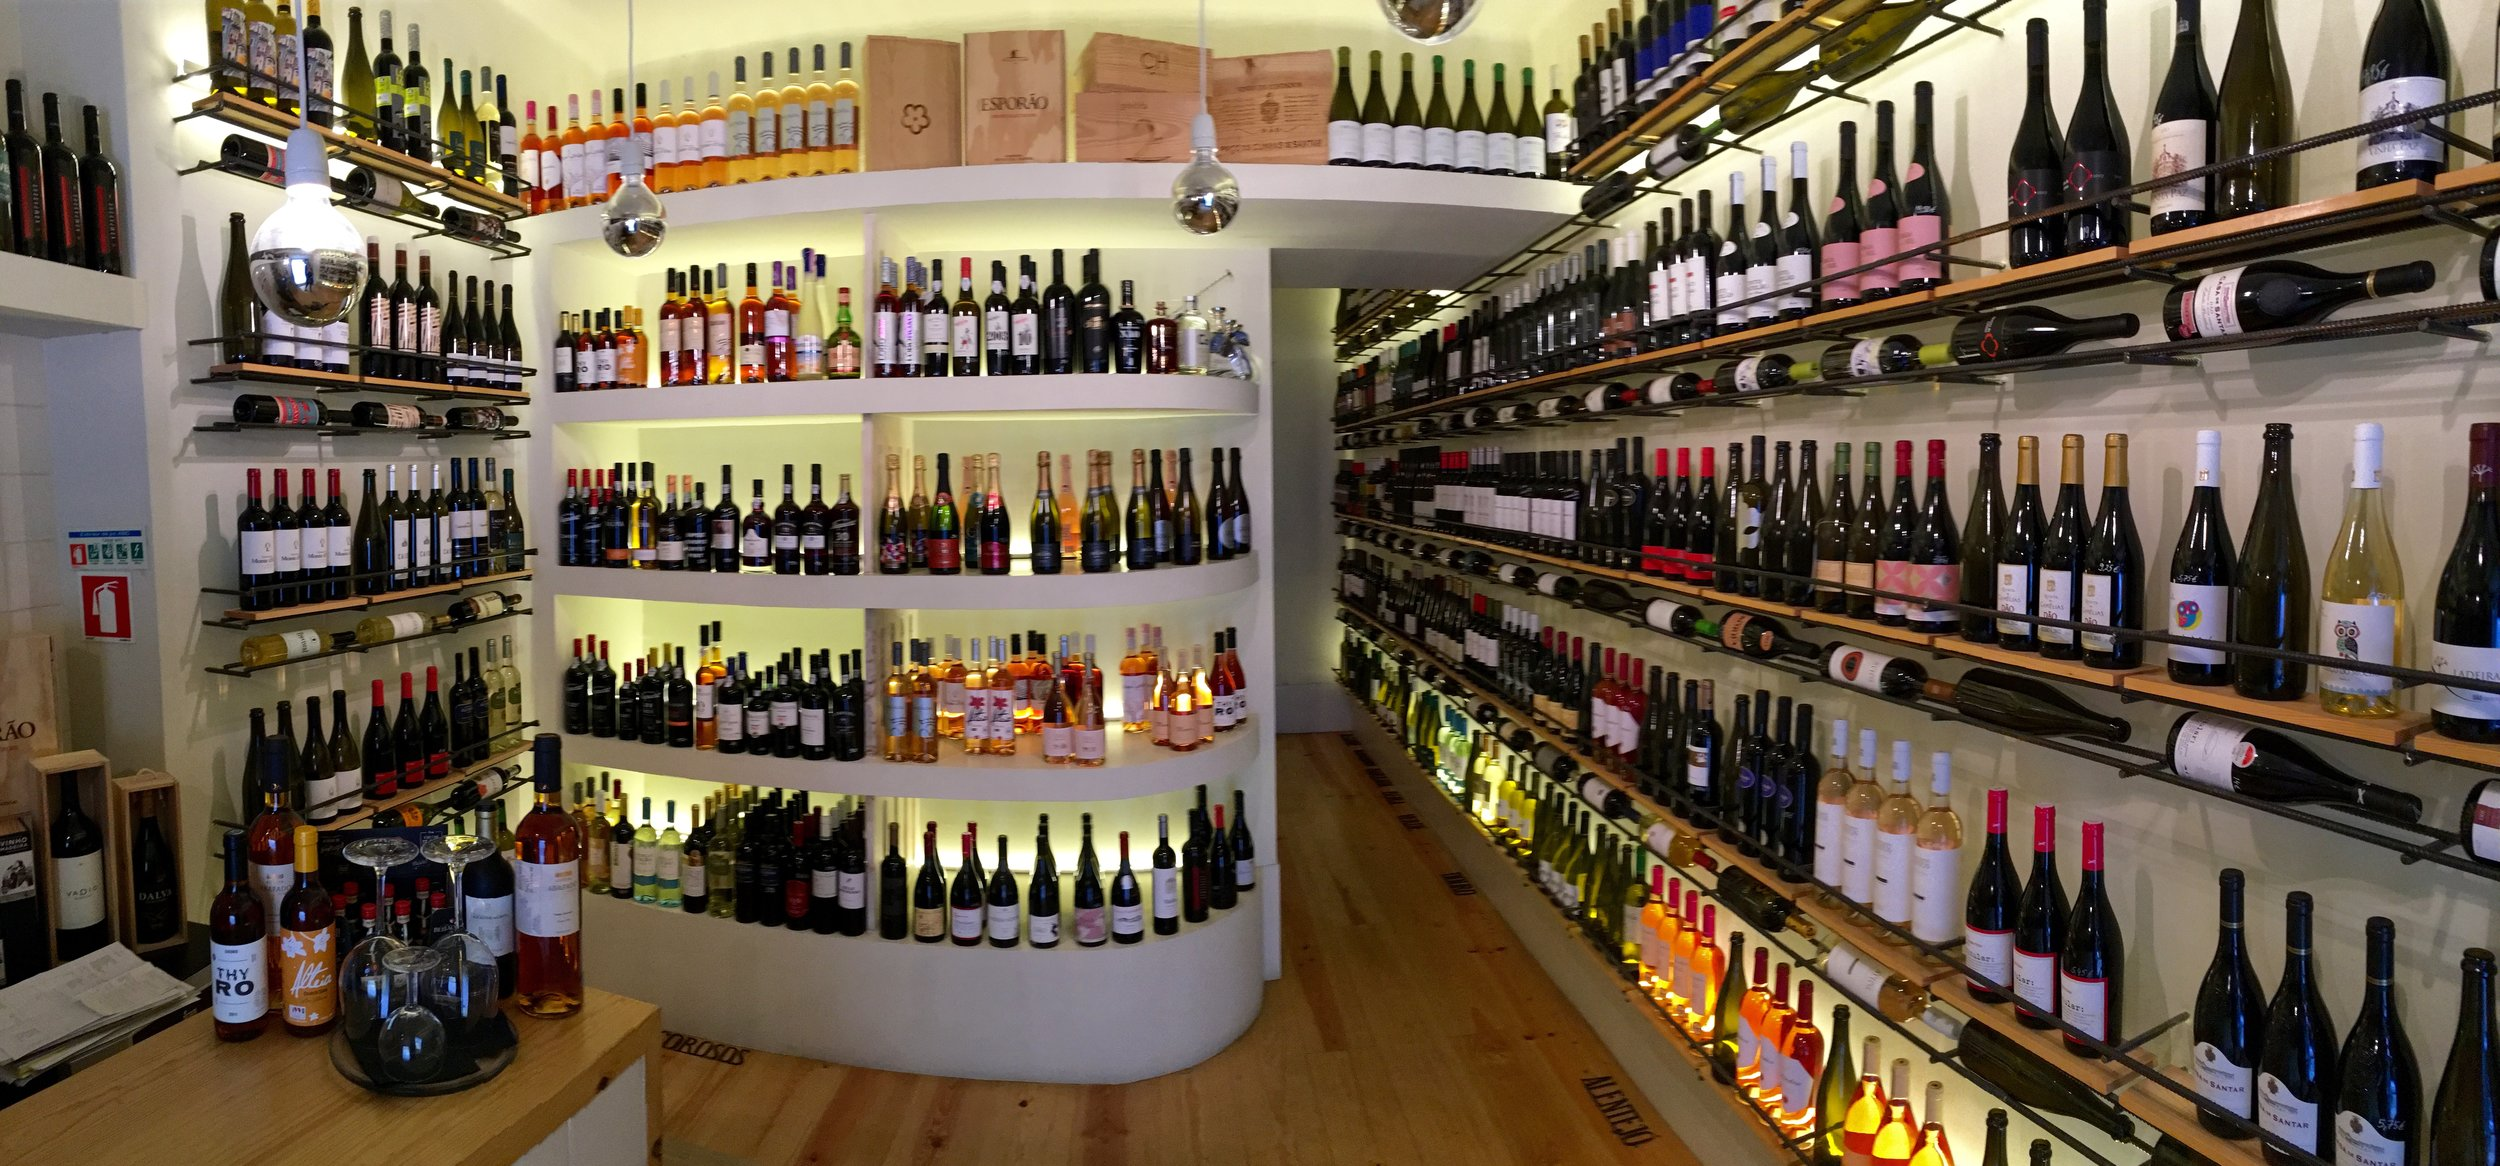 Mercearia Vinho, Lisbon